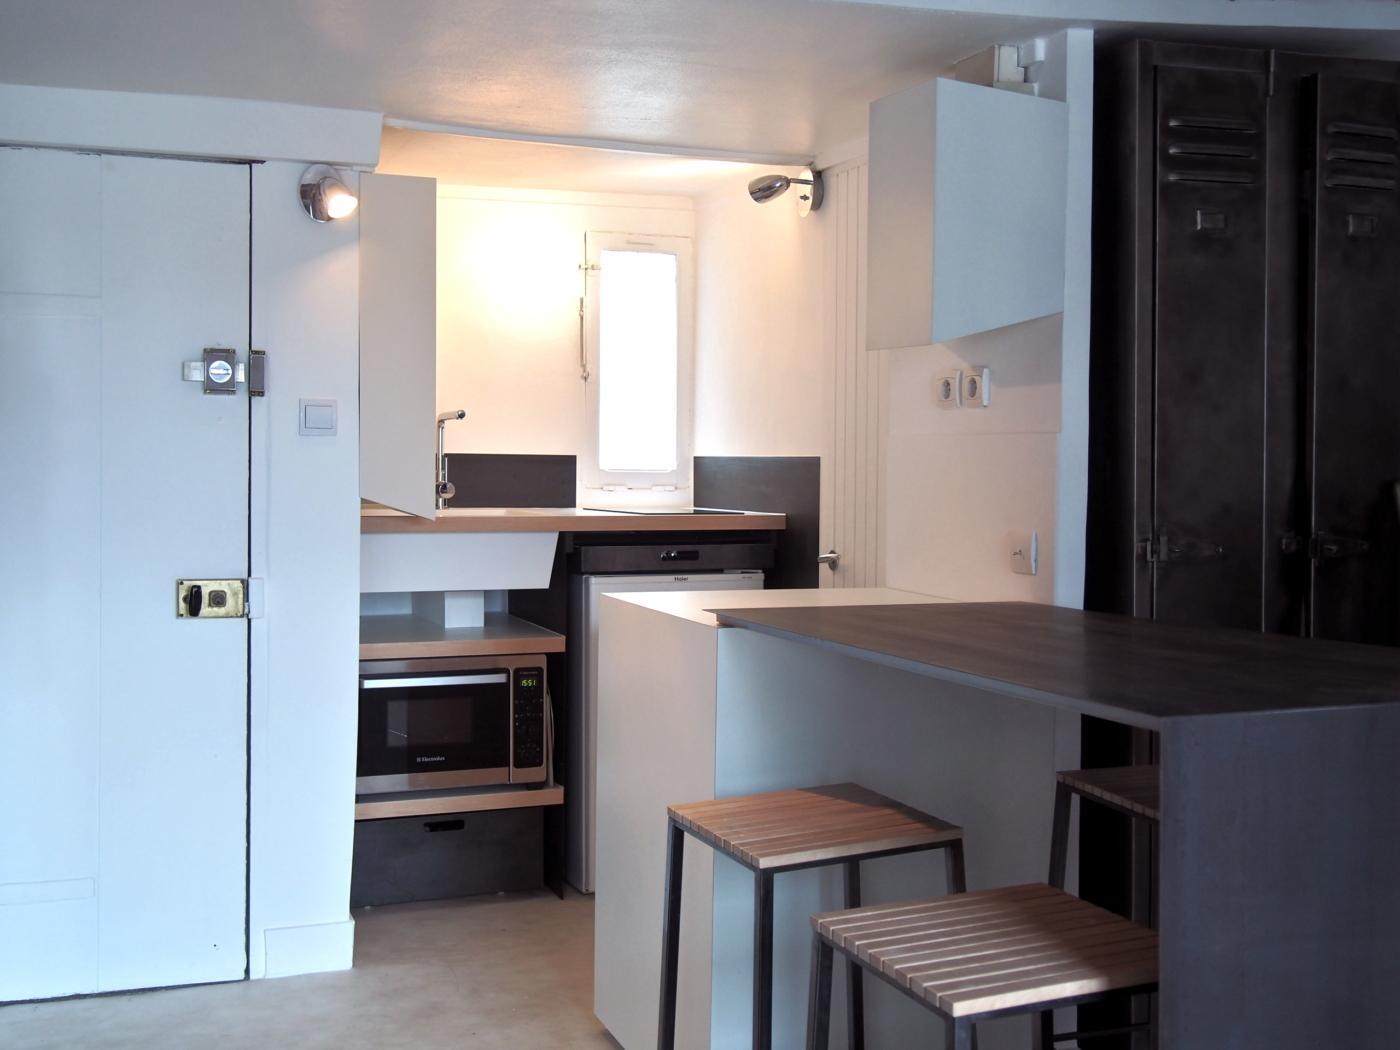 cuisine - steel gray- une cuisine sur mesure pour un petit appartement parisien par le studio Superstrate